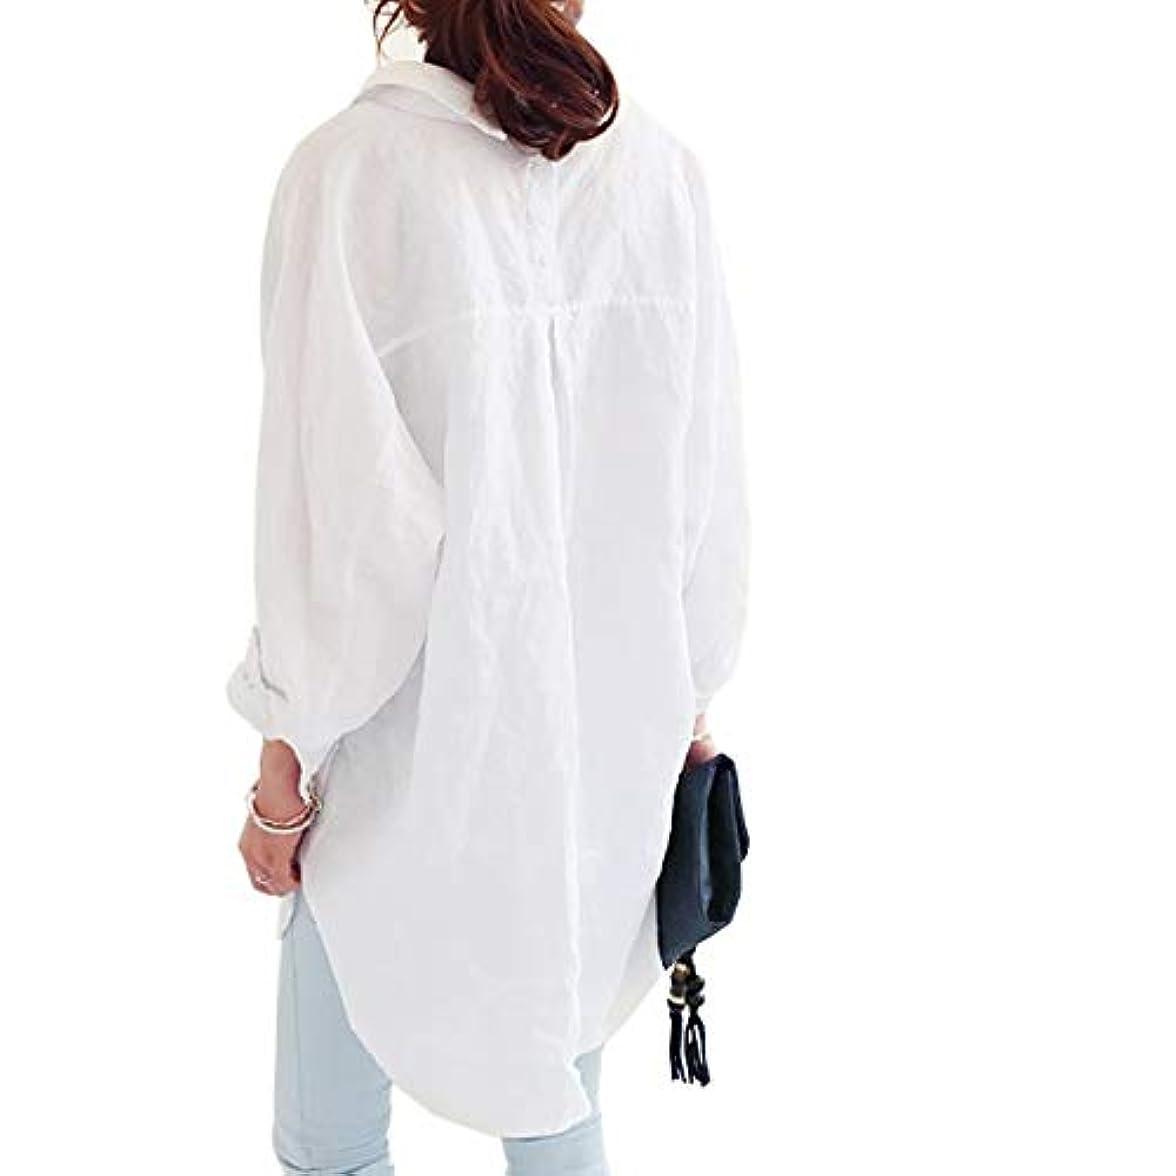 レンドリーガン記憶に残る[ココチエ] シャツ ワンピ レディース ブラウス 長袖 ロング 水色 白 大きいサイズ おおきいサイズ おしゃれ ゆったり 体型カバー 前開き